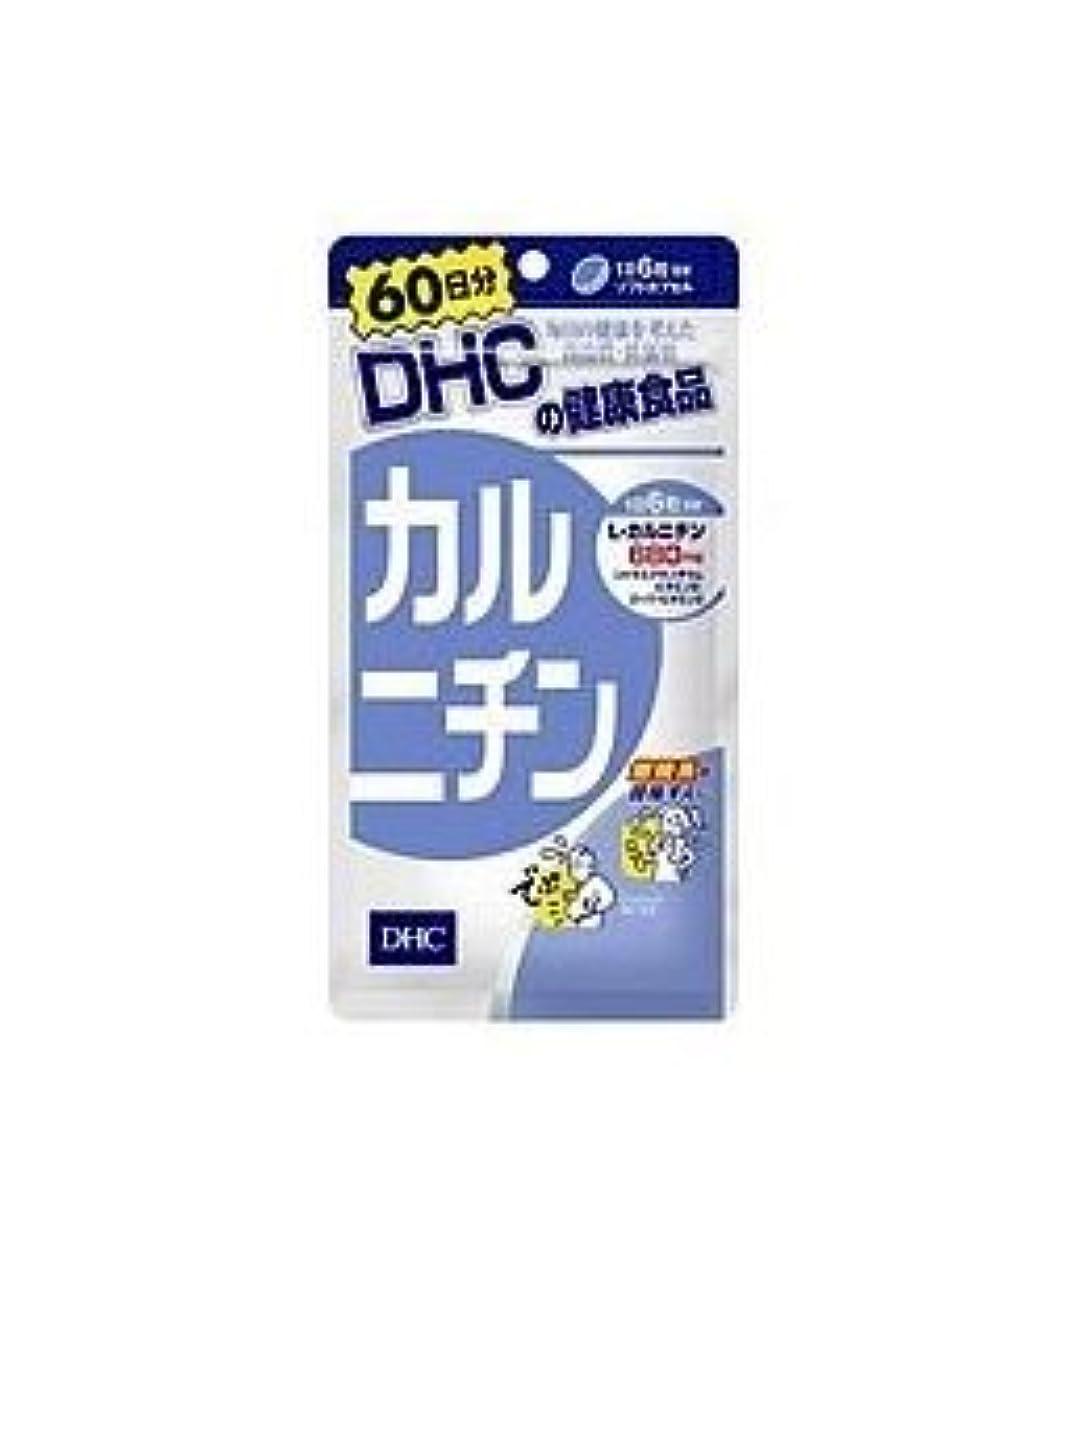 コンバーチブル登るあなたが良くなります【DHC】DHCの健康食品 カルニチン 60日分 300粒